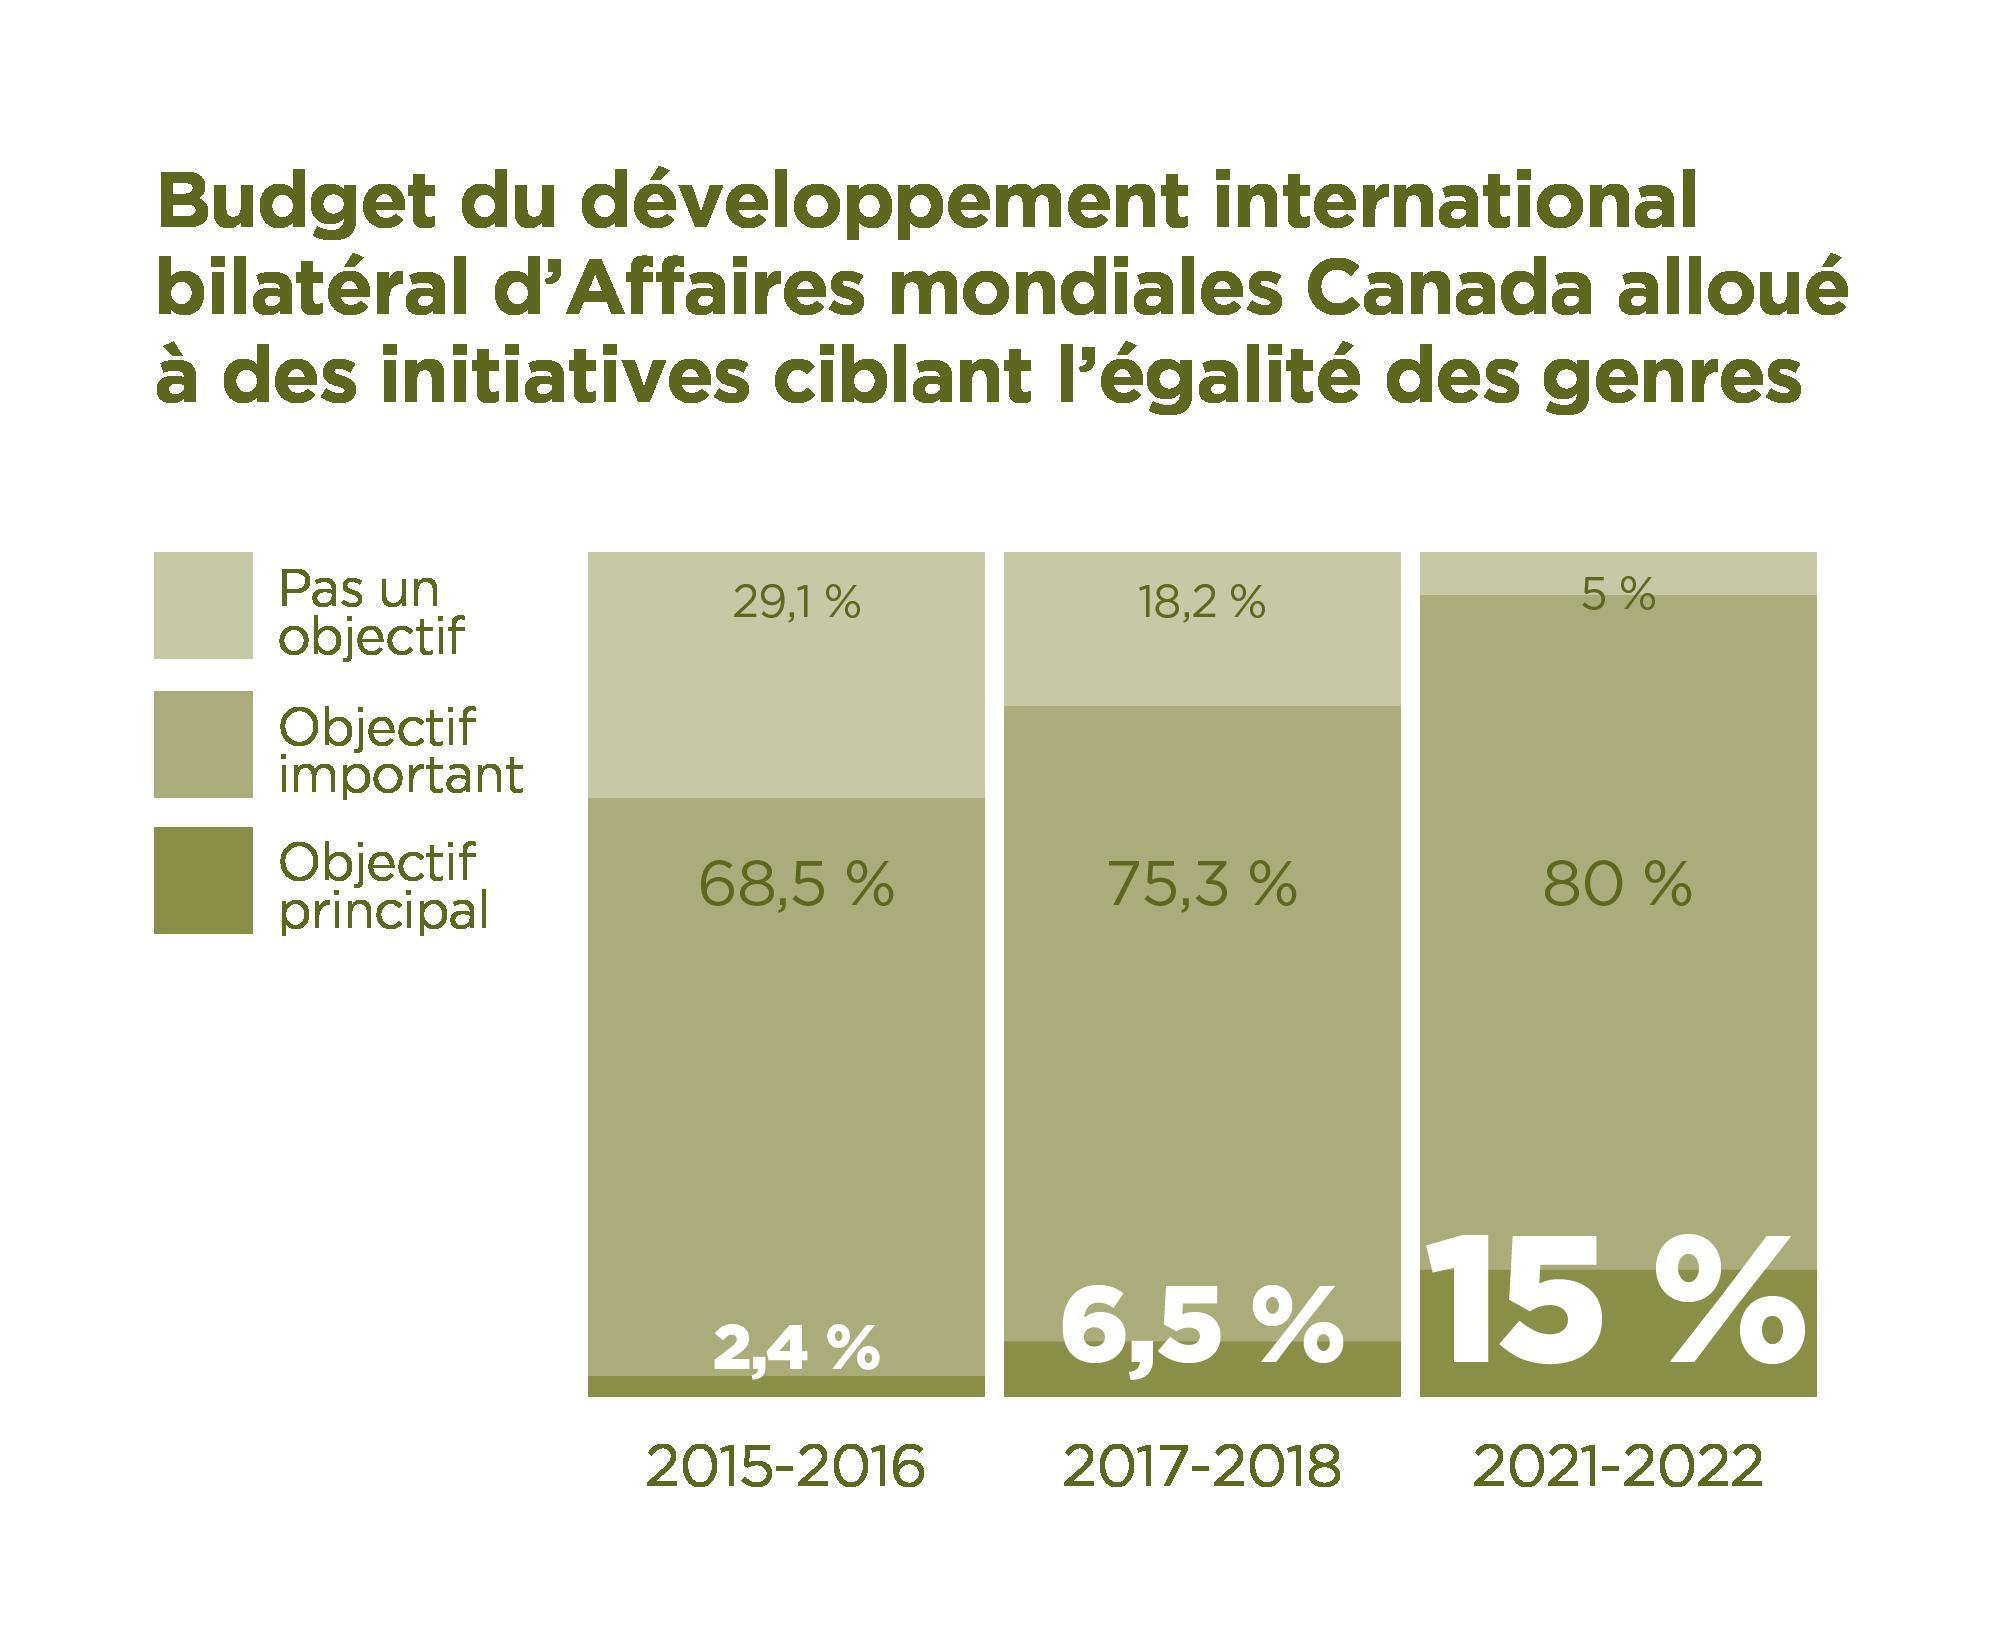 Budgets de développement bilatéraux d'Affaires mondiales Canada alloués à des initiatives ciblant l'égalité des sexes : Pas un objectif pour 2015-2016 – 29,1 %, pour 2017-2018 – 18,2 %, pour 2021-2022 – 5 %. Objectif important pour 2015-2016 – 68,5 %, pour 2017-2018 – 75,3 %, pour 2021-2022 – 80 %. Objectif principal pour 2015-2016 – 2,4 %, pour 2017-2018 – 6,5 %, pour 2021-2022 – 15 %.